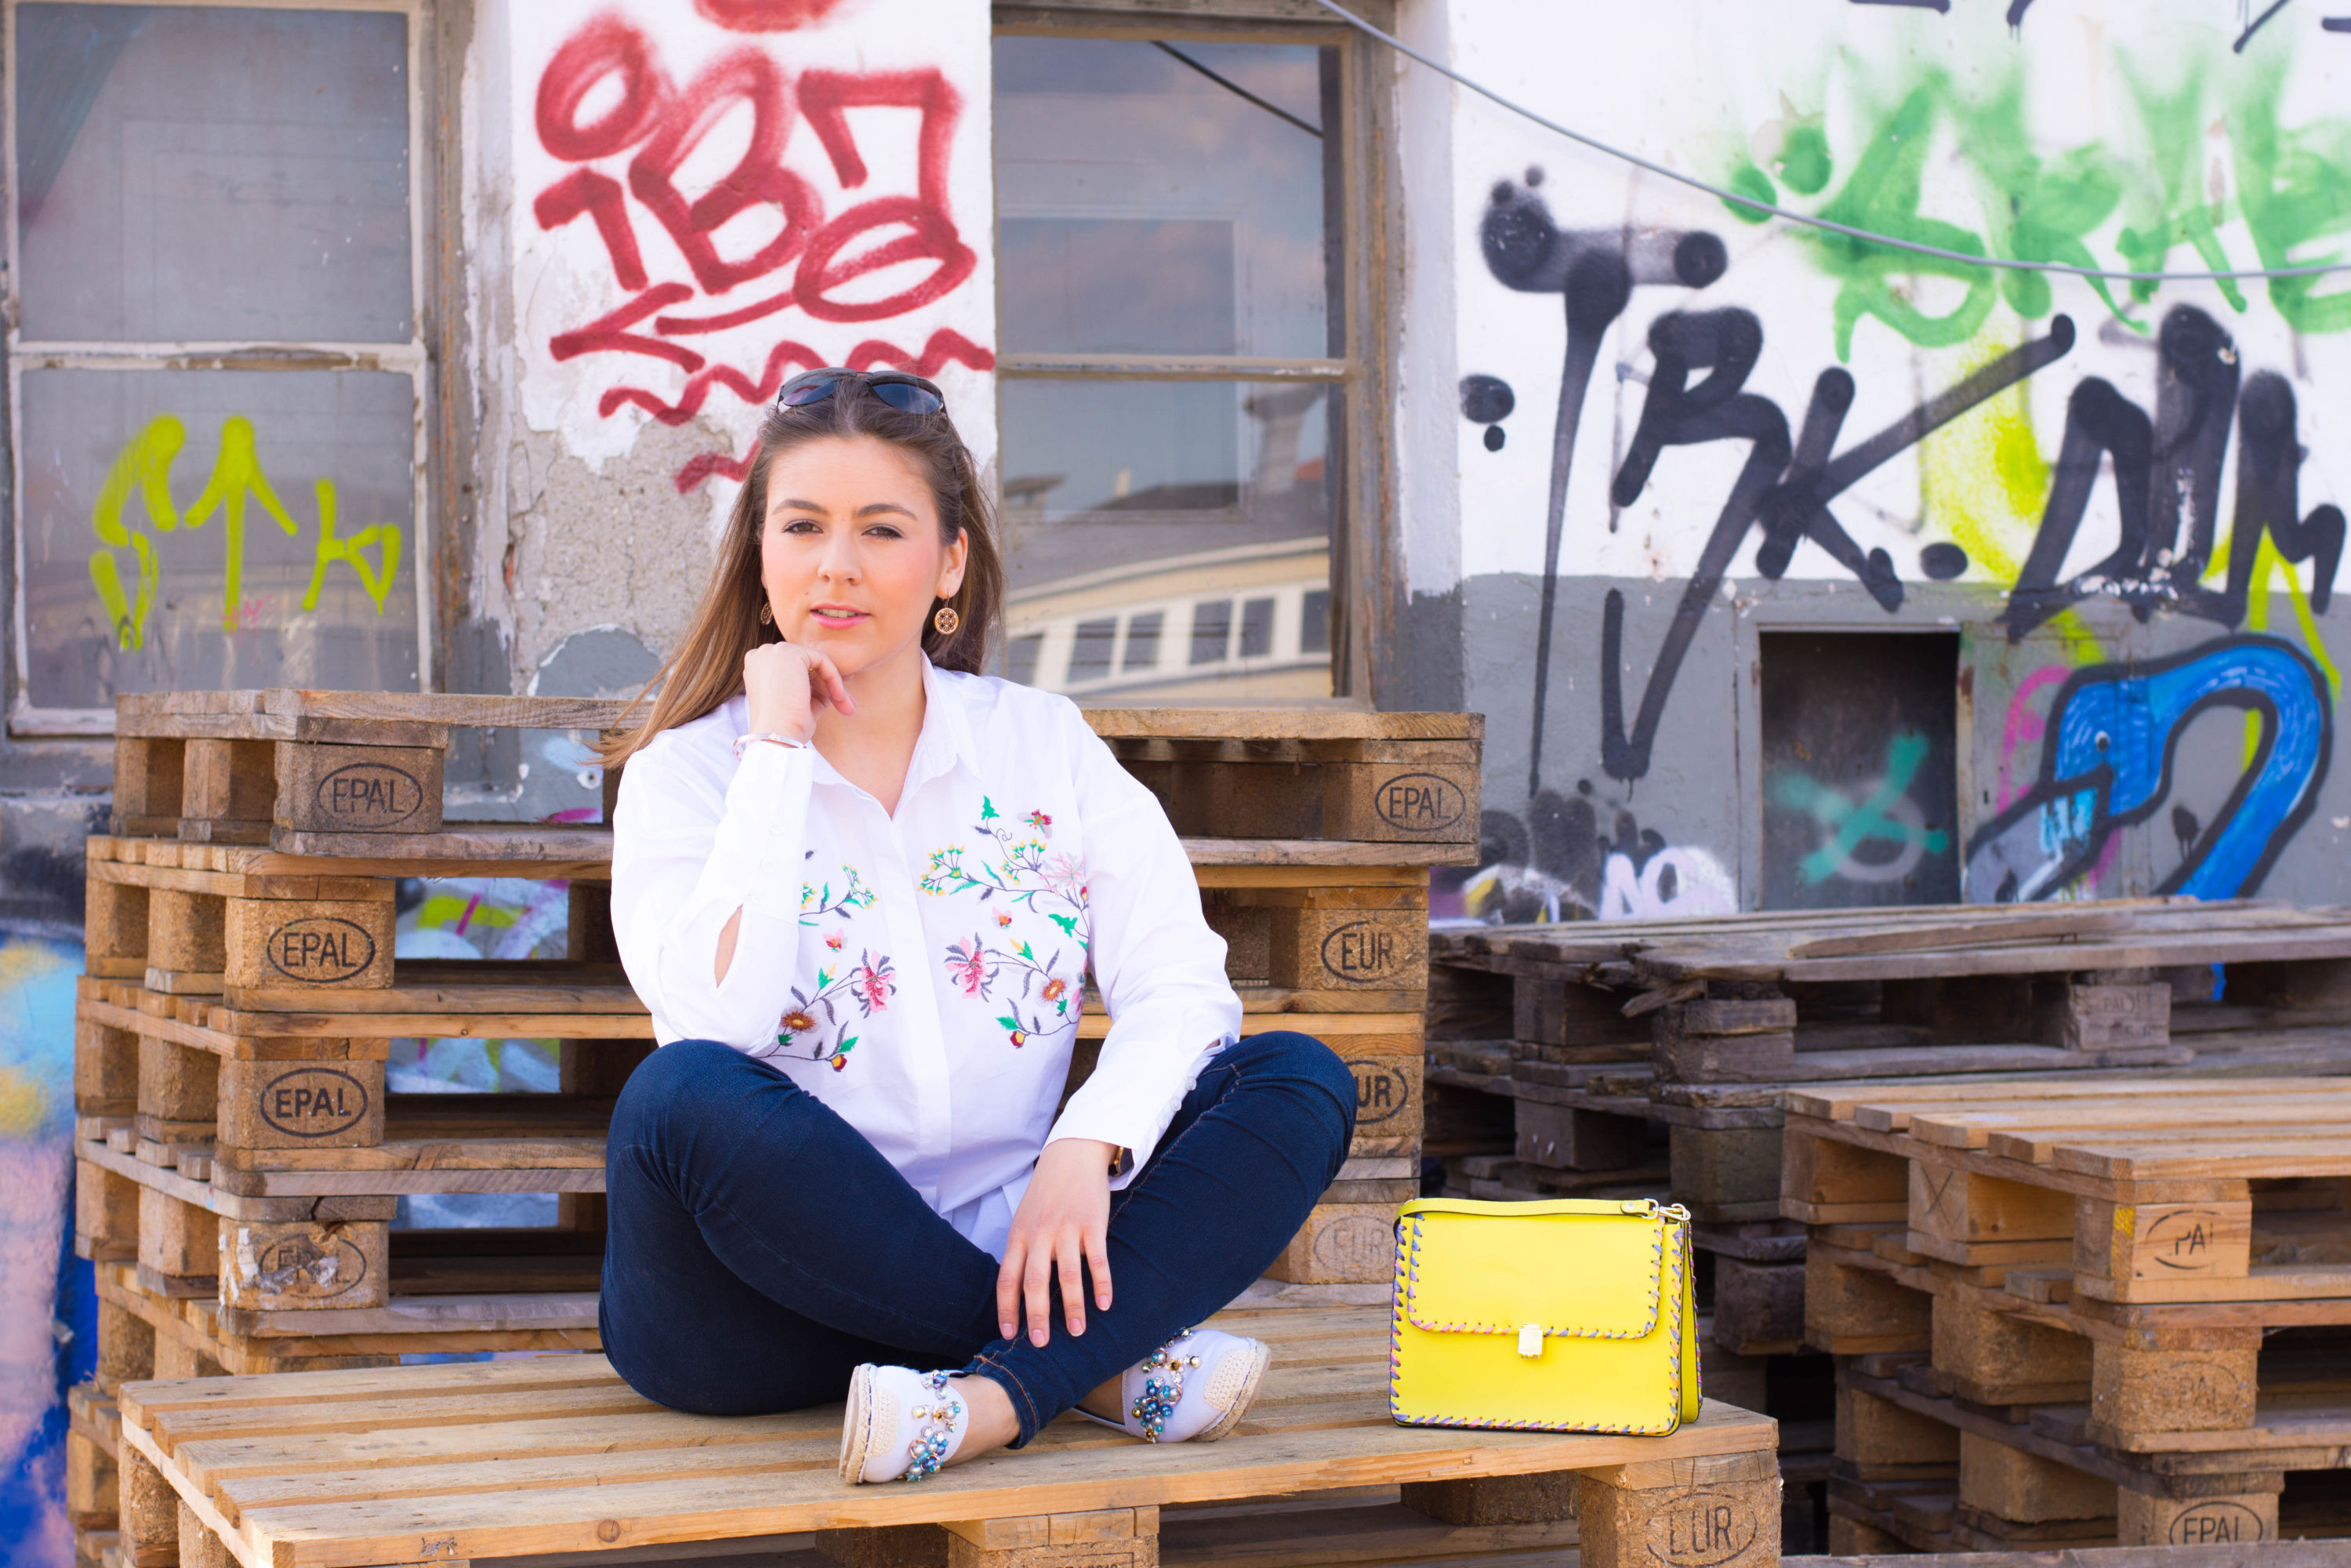 Im sommerlichen Alltagslook vor einer Graffitiwand